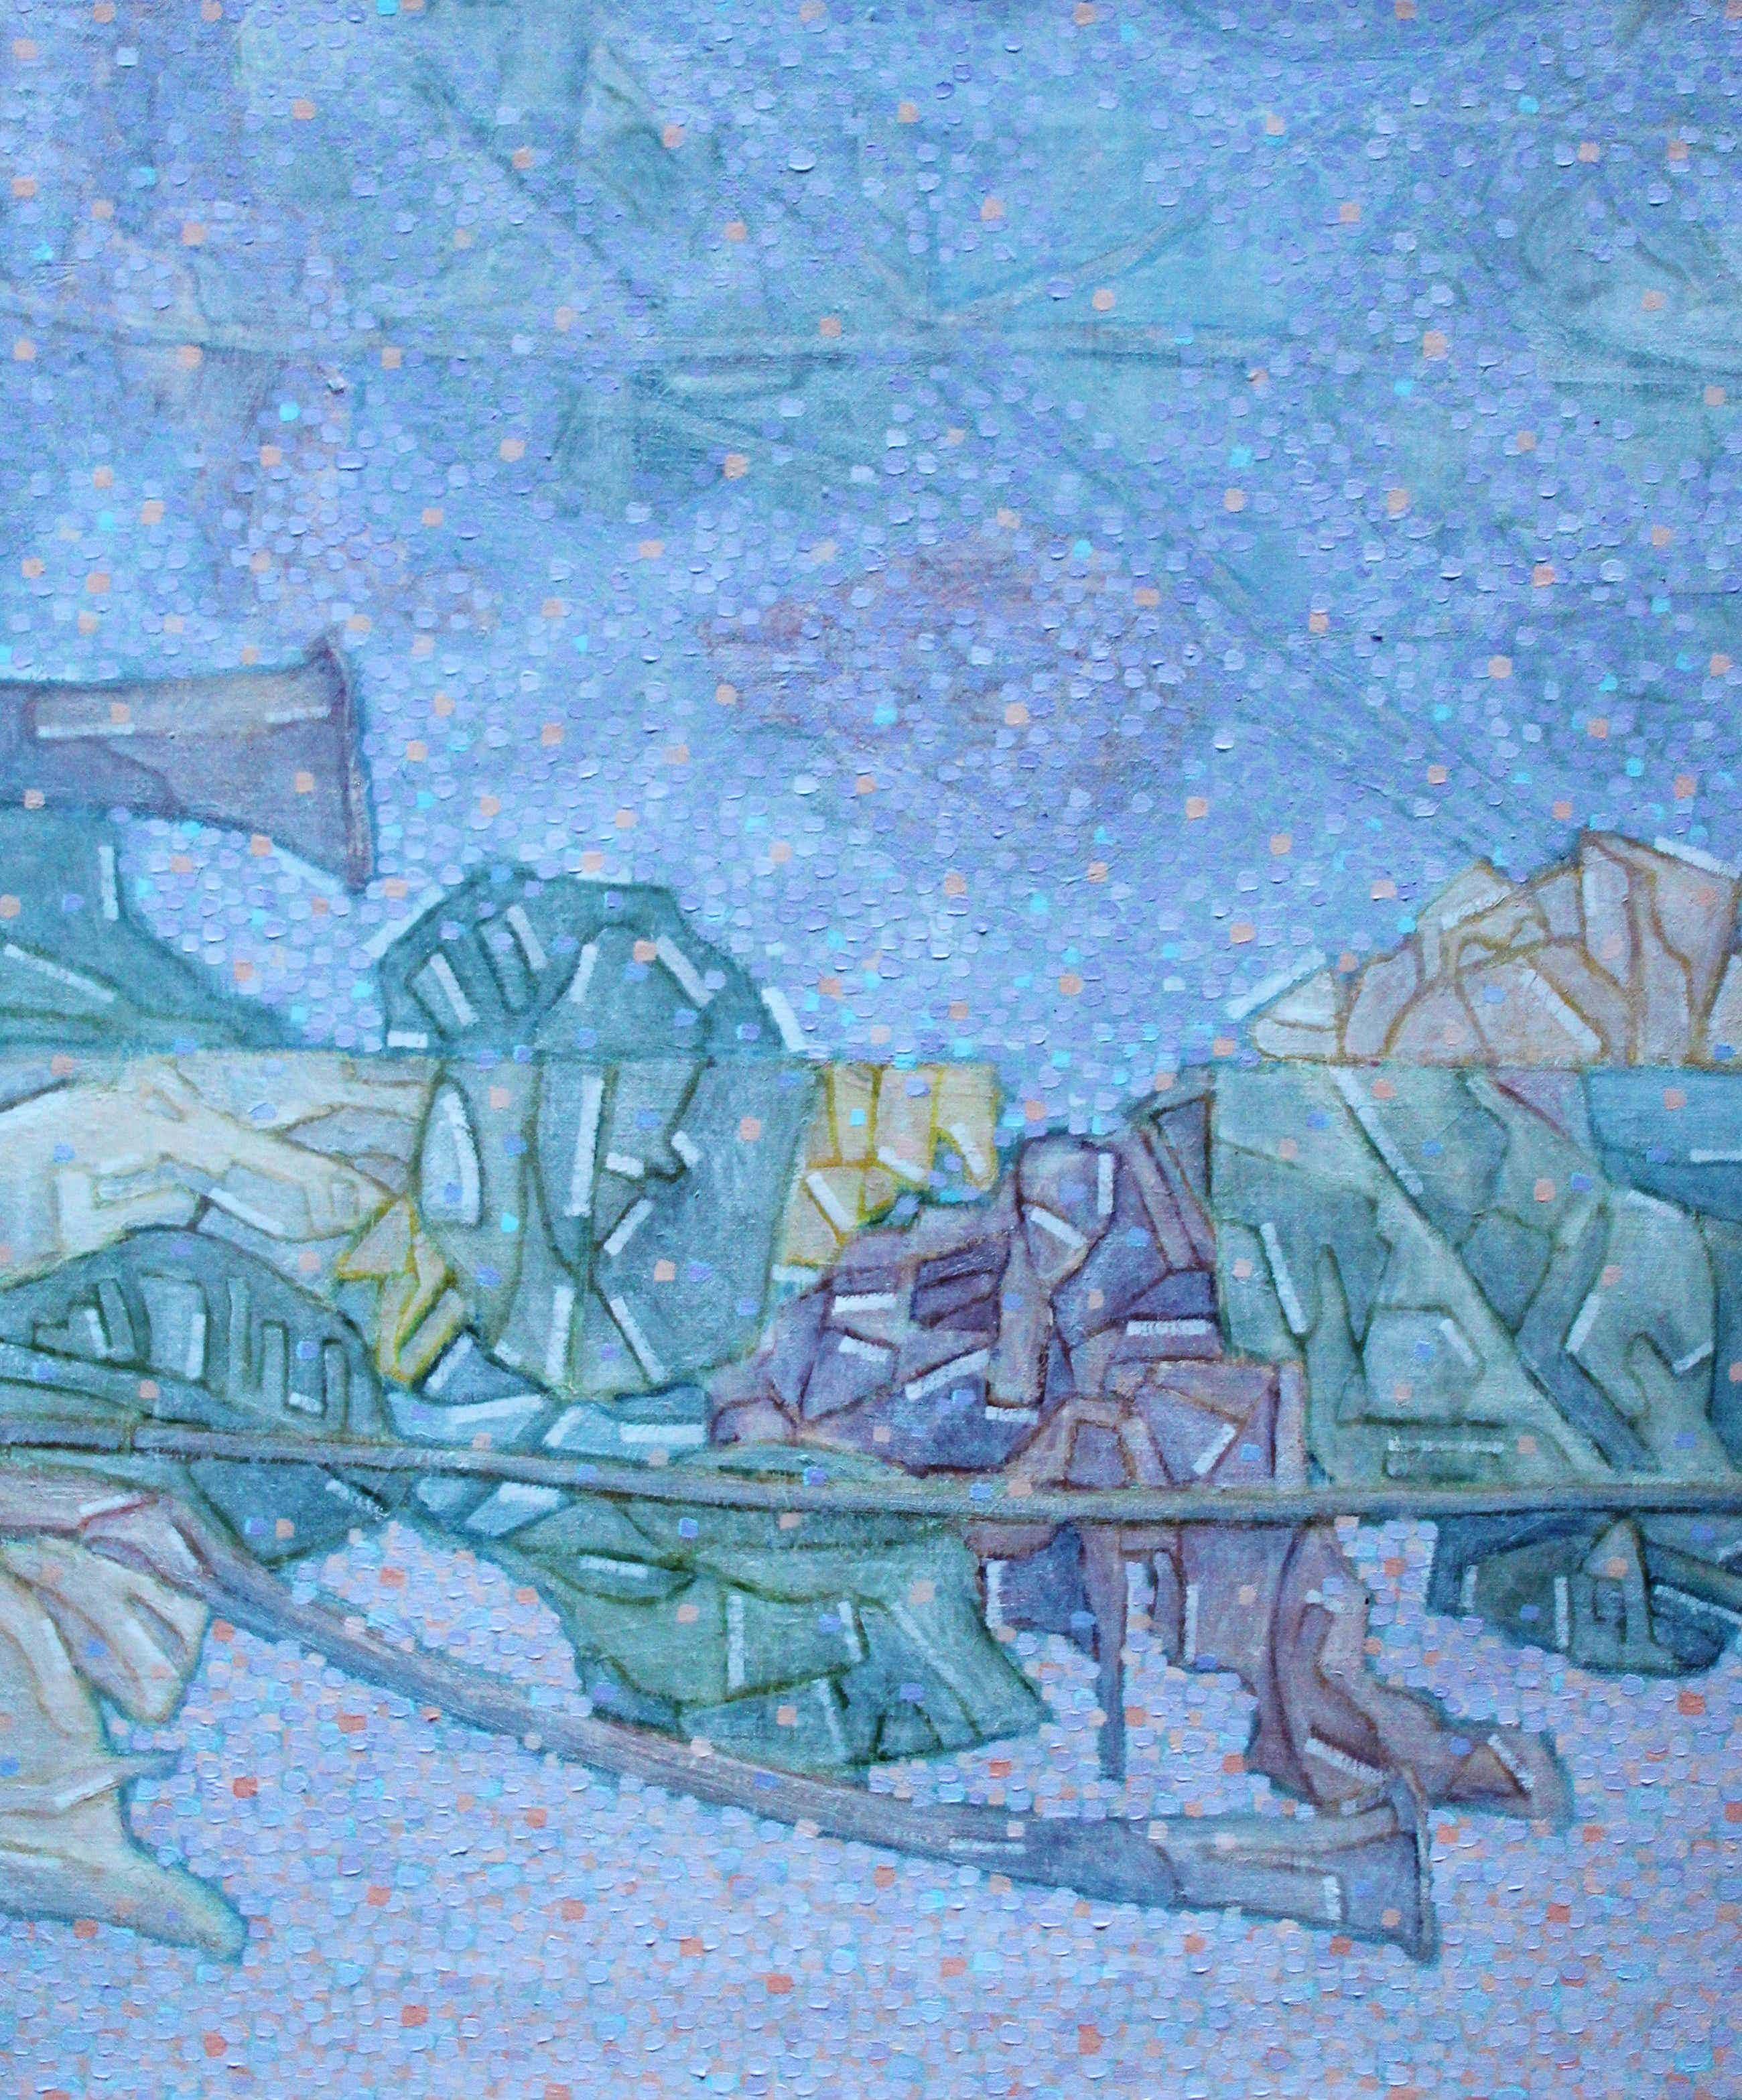 Stef Jurrien - Olieverf op doek: Uitzicht op het meer met reflecterende bomen kopen? Bied vanaf 299!